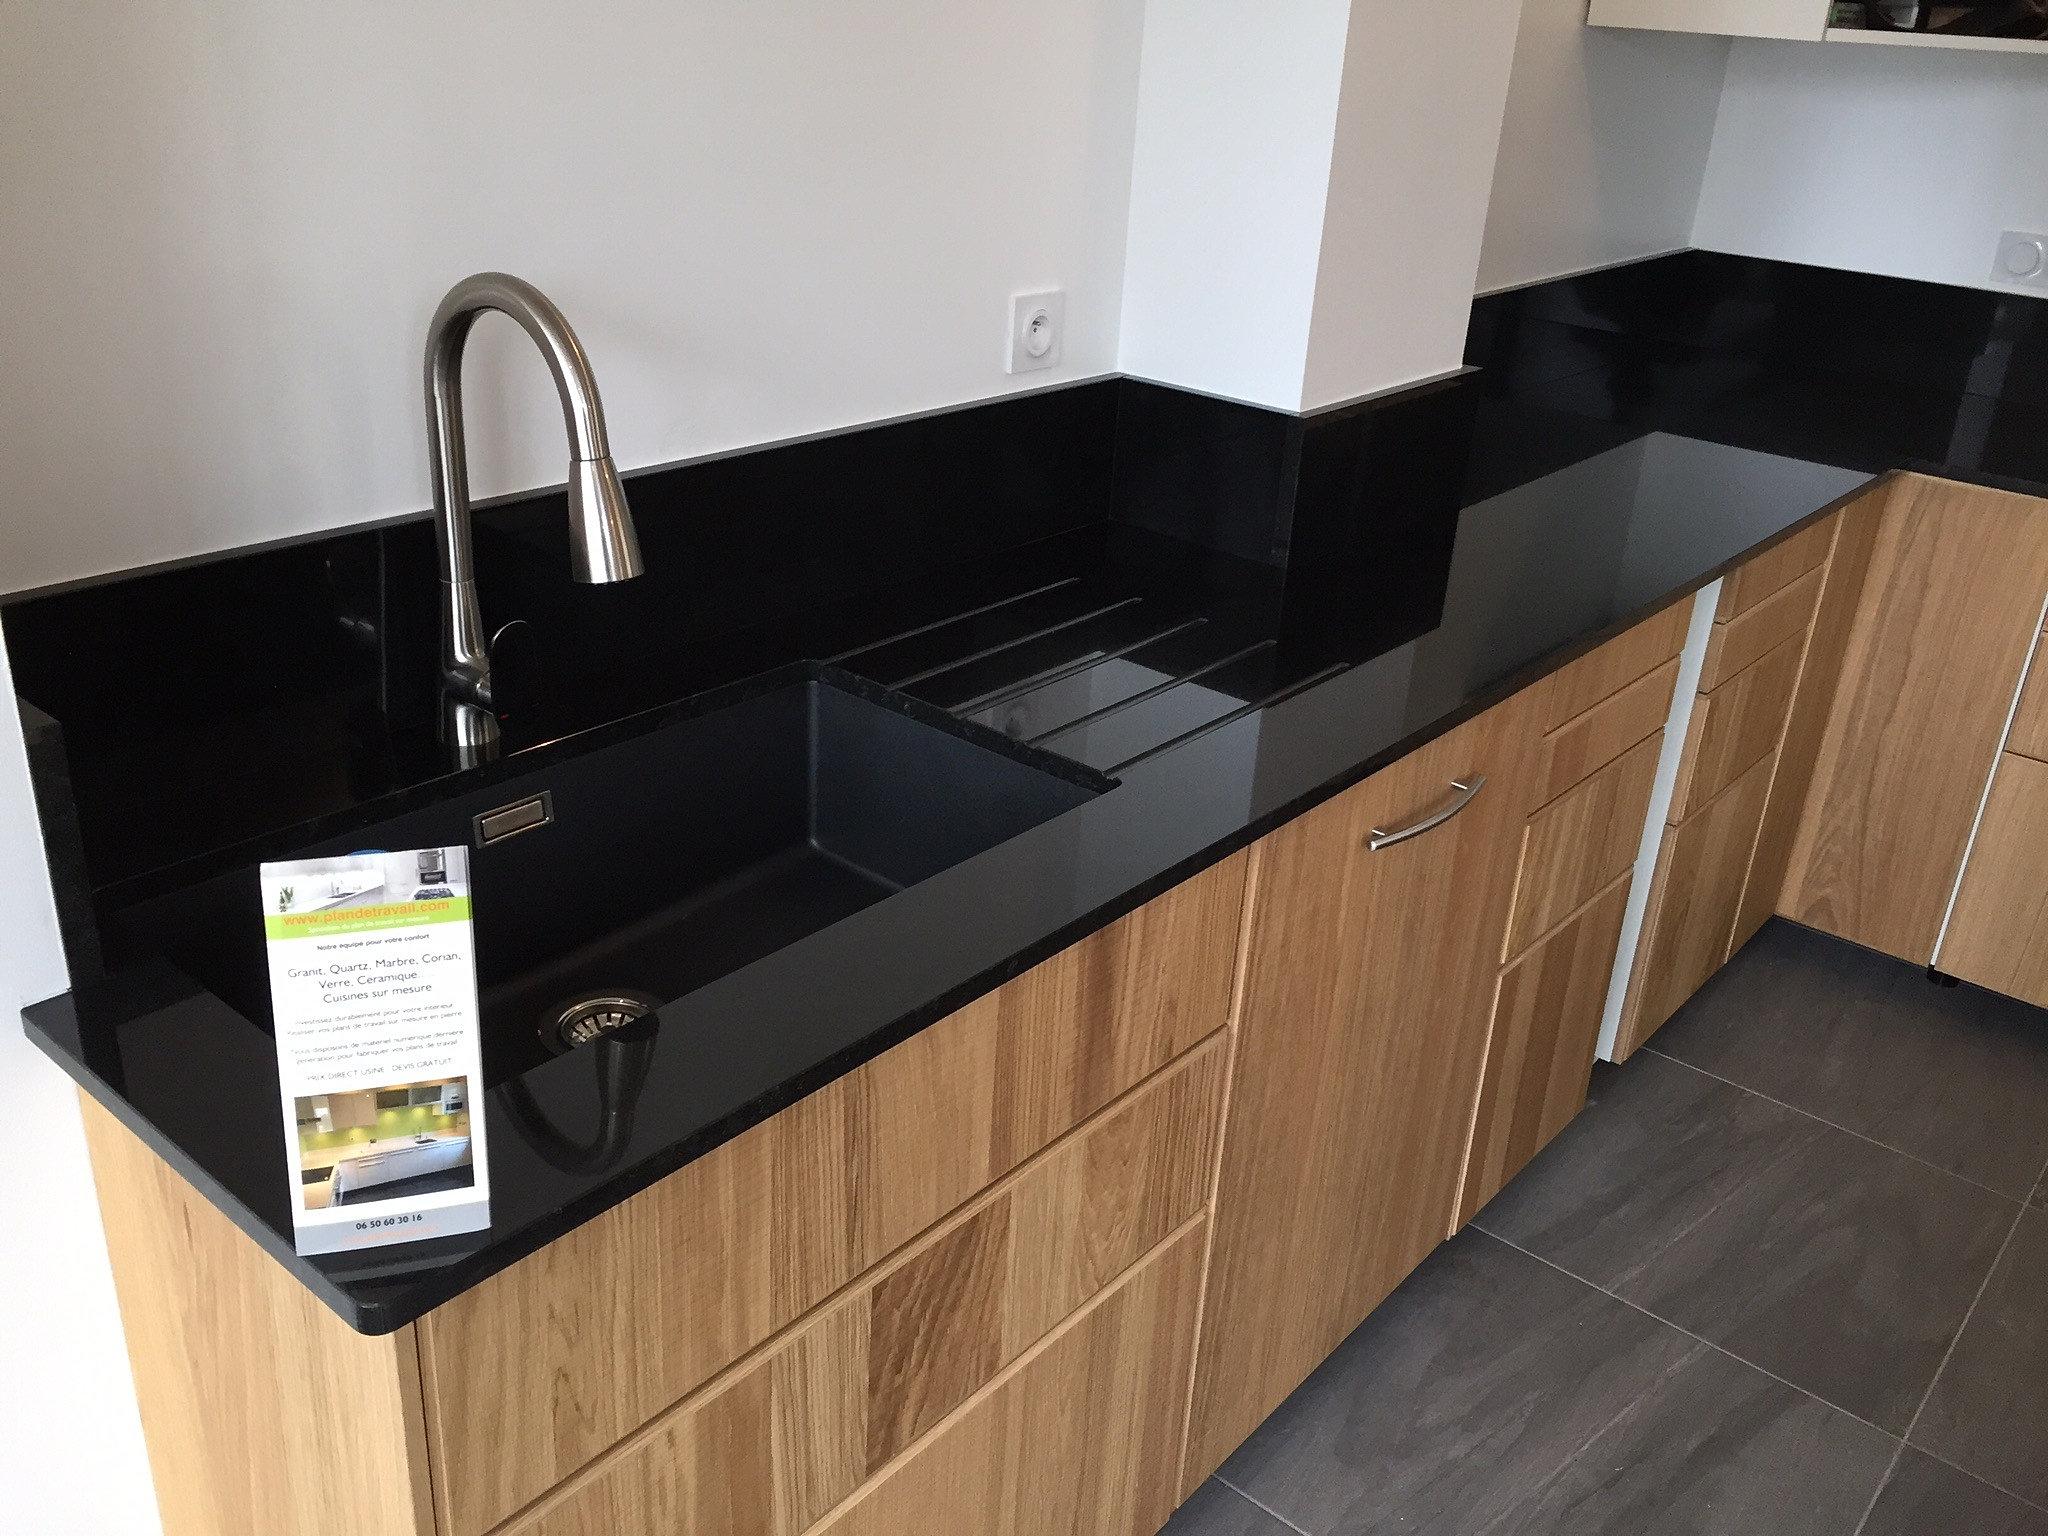 plan de travail granit quartz table en mabre paris essonne plan de travail pierre. Black Bedroom Furniture Sets. Home Design Ideas